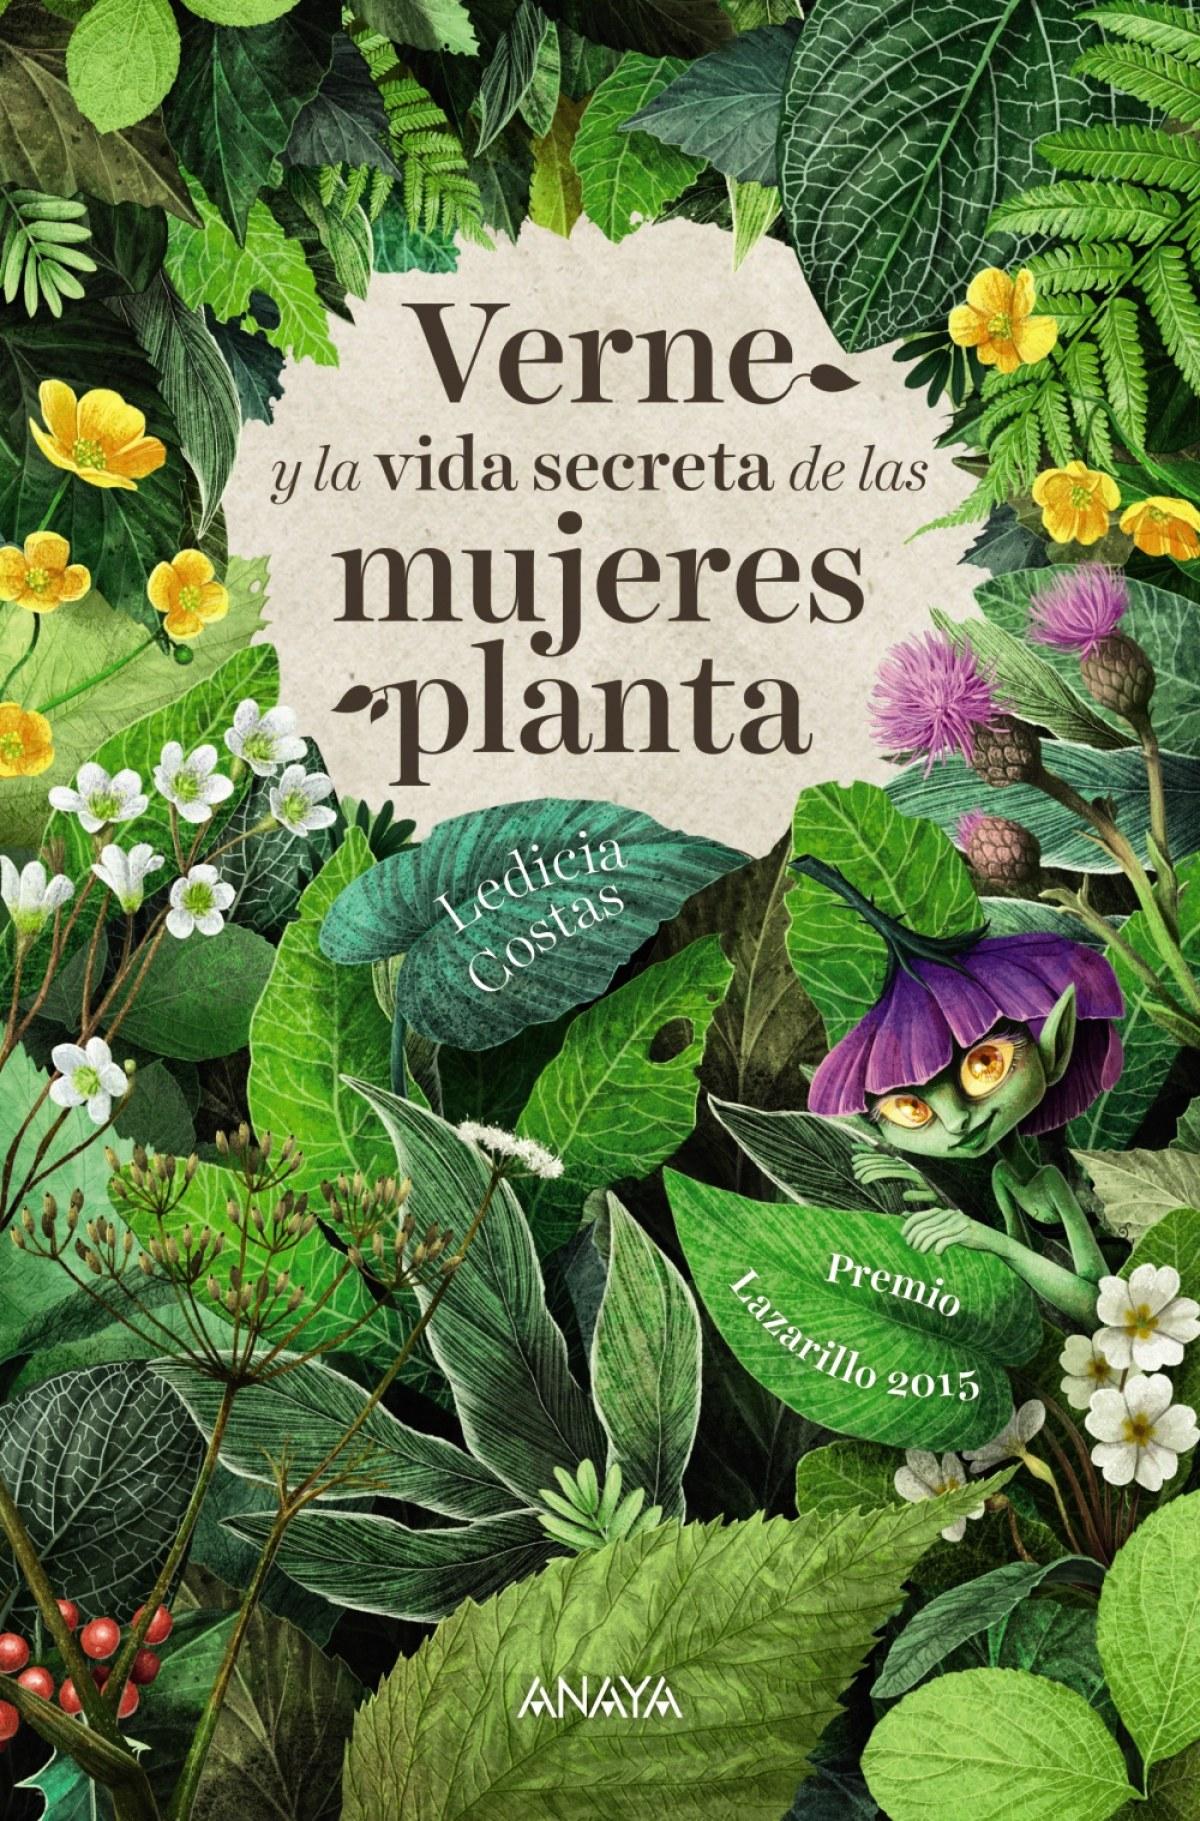 VERNE Y LA VIDA SECRETA DE LAS MUJERES PLANTA 9788469816806